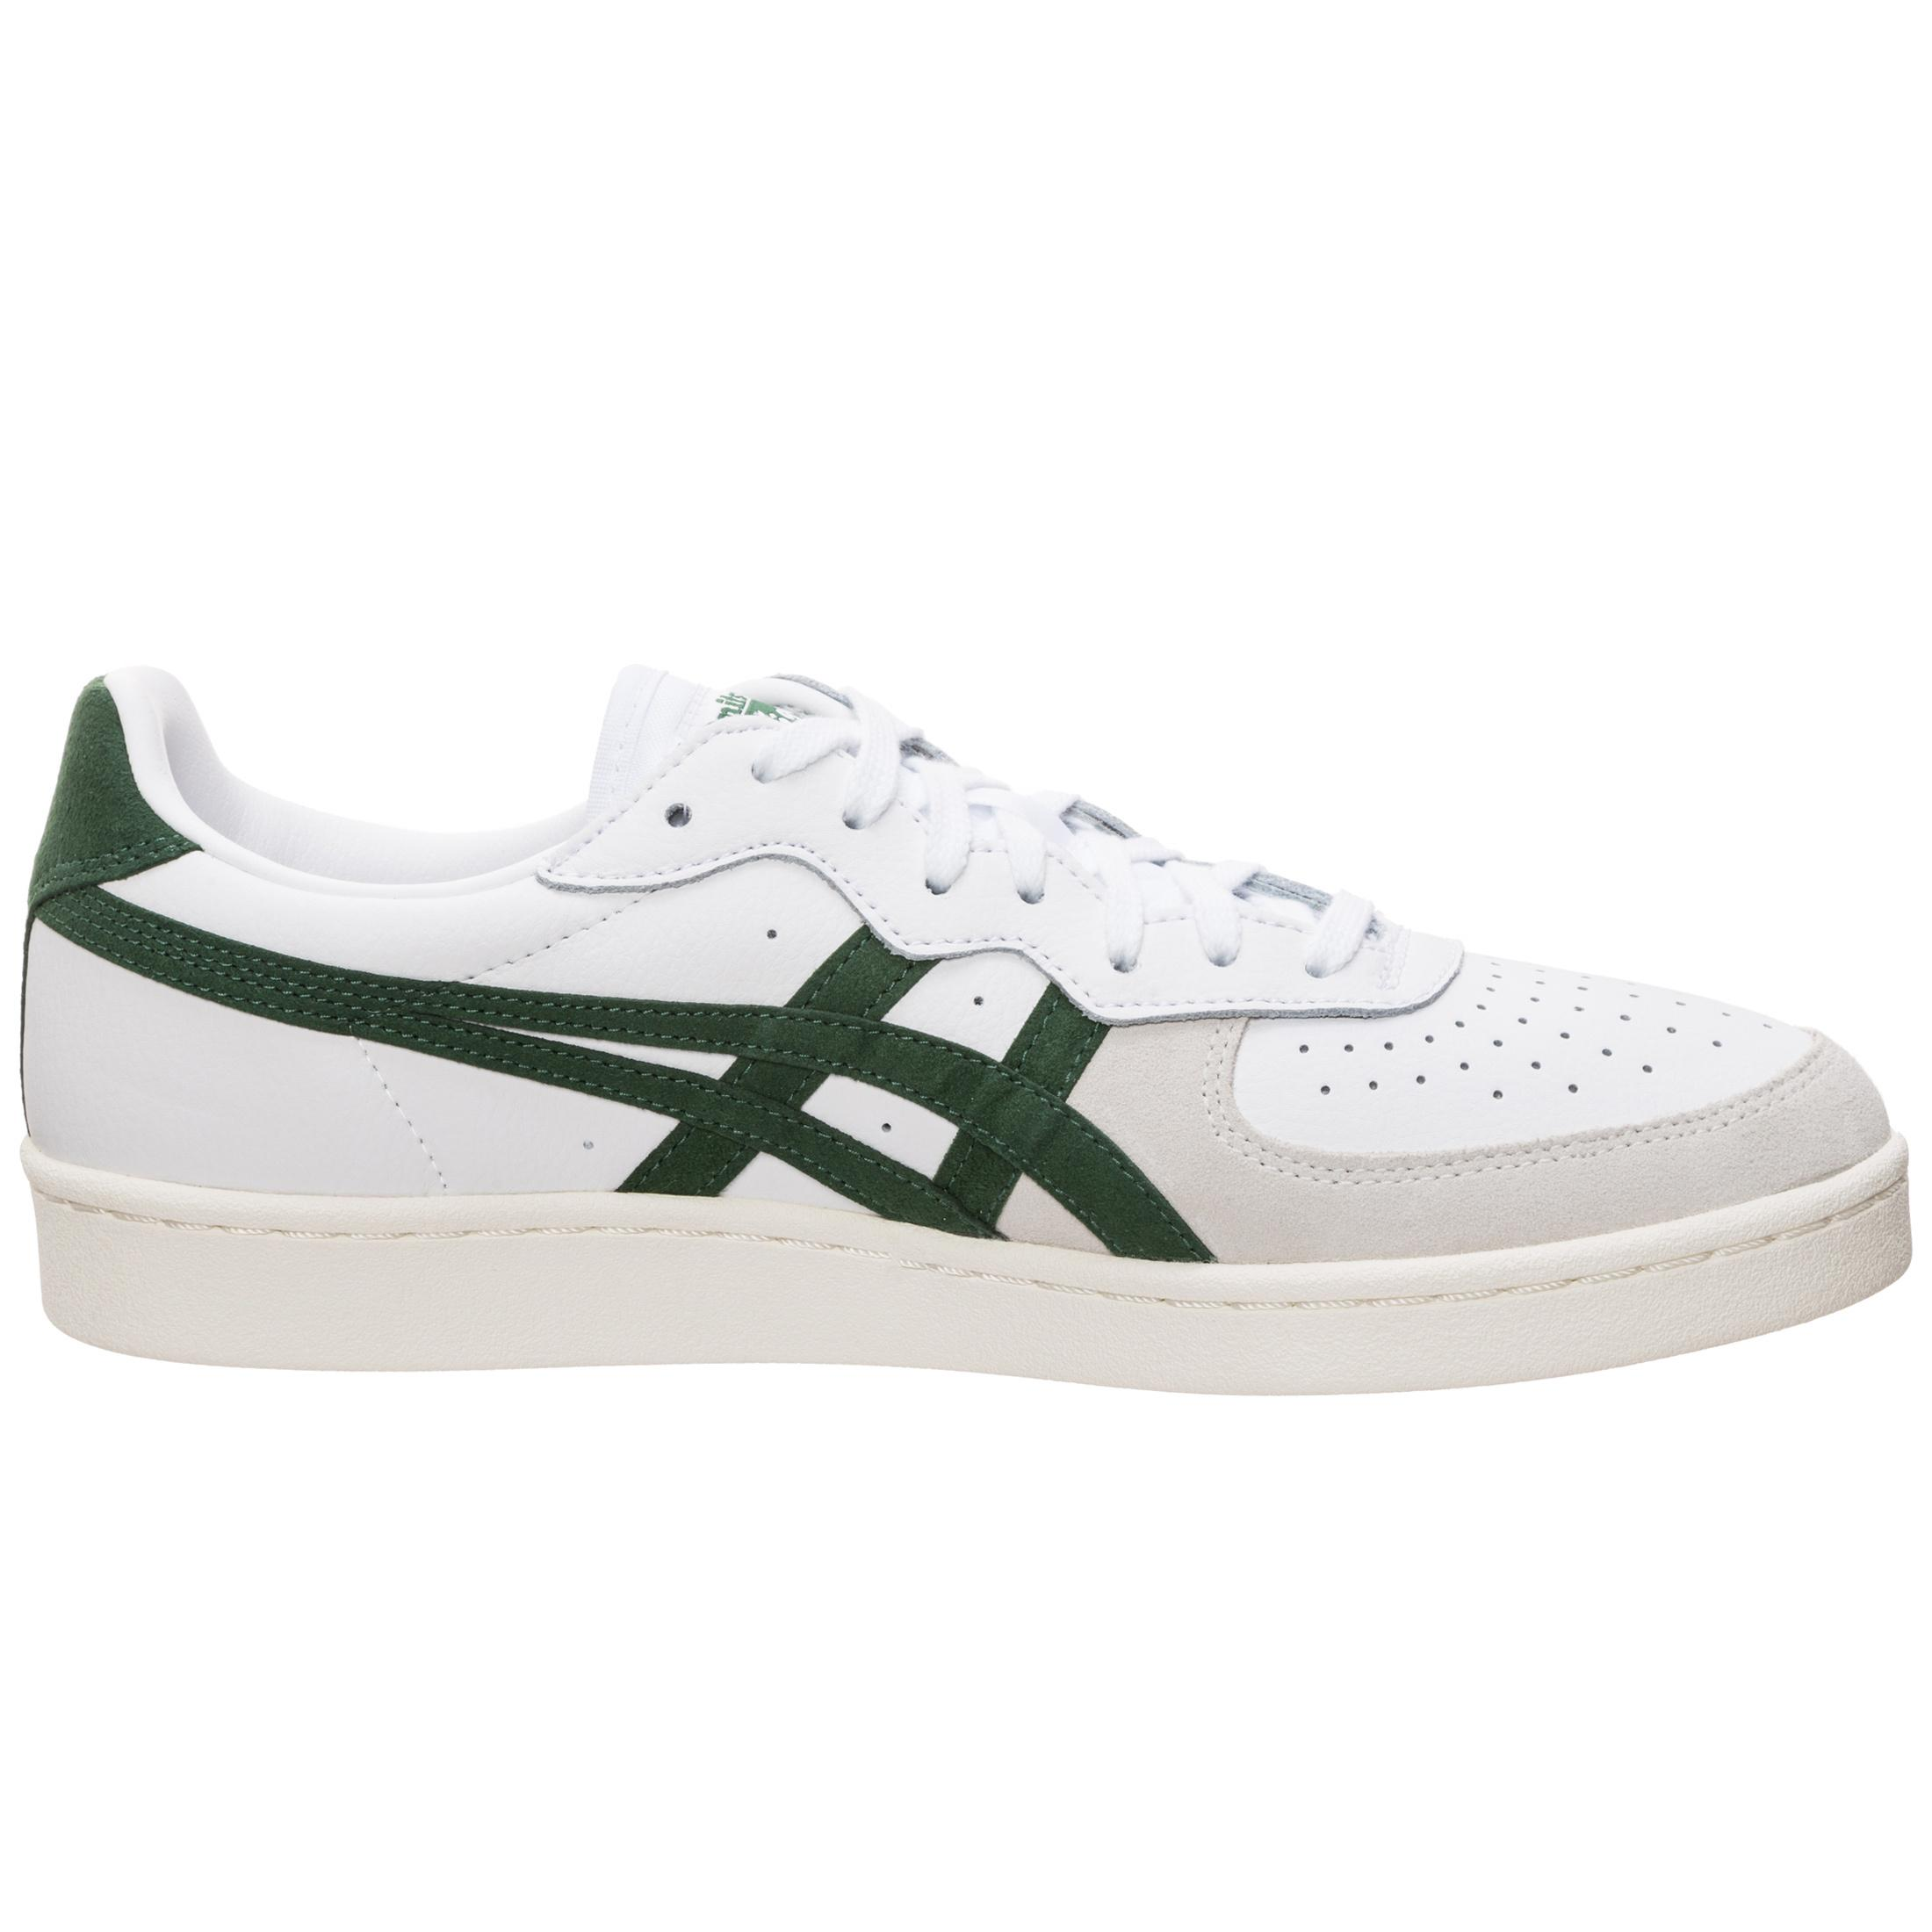 ASICS GSM Turnschuhe Herren weiß   grün im im im Online Shop von SportScheck kaufen Gute Qualität beliebte Schuhe cd4b48